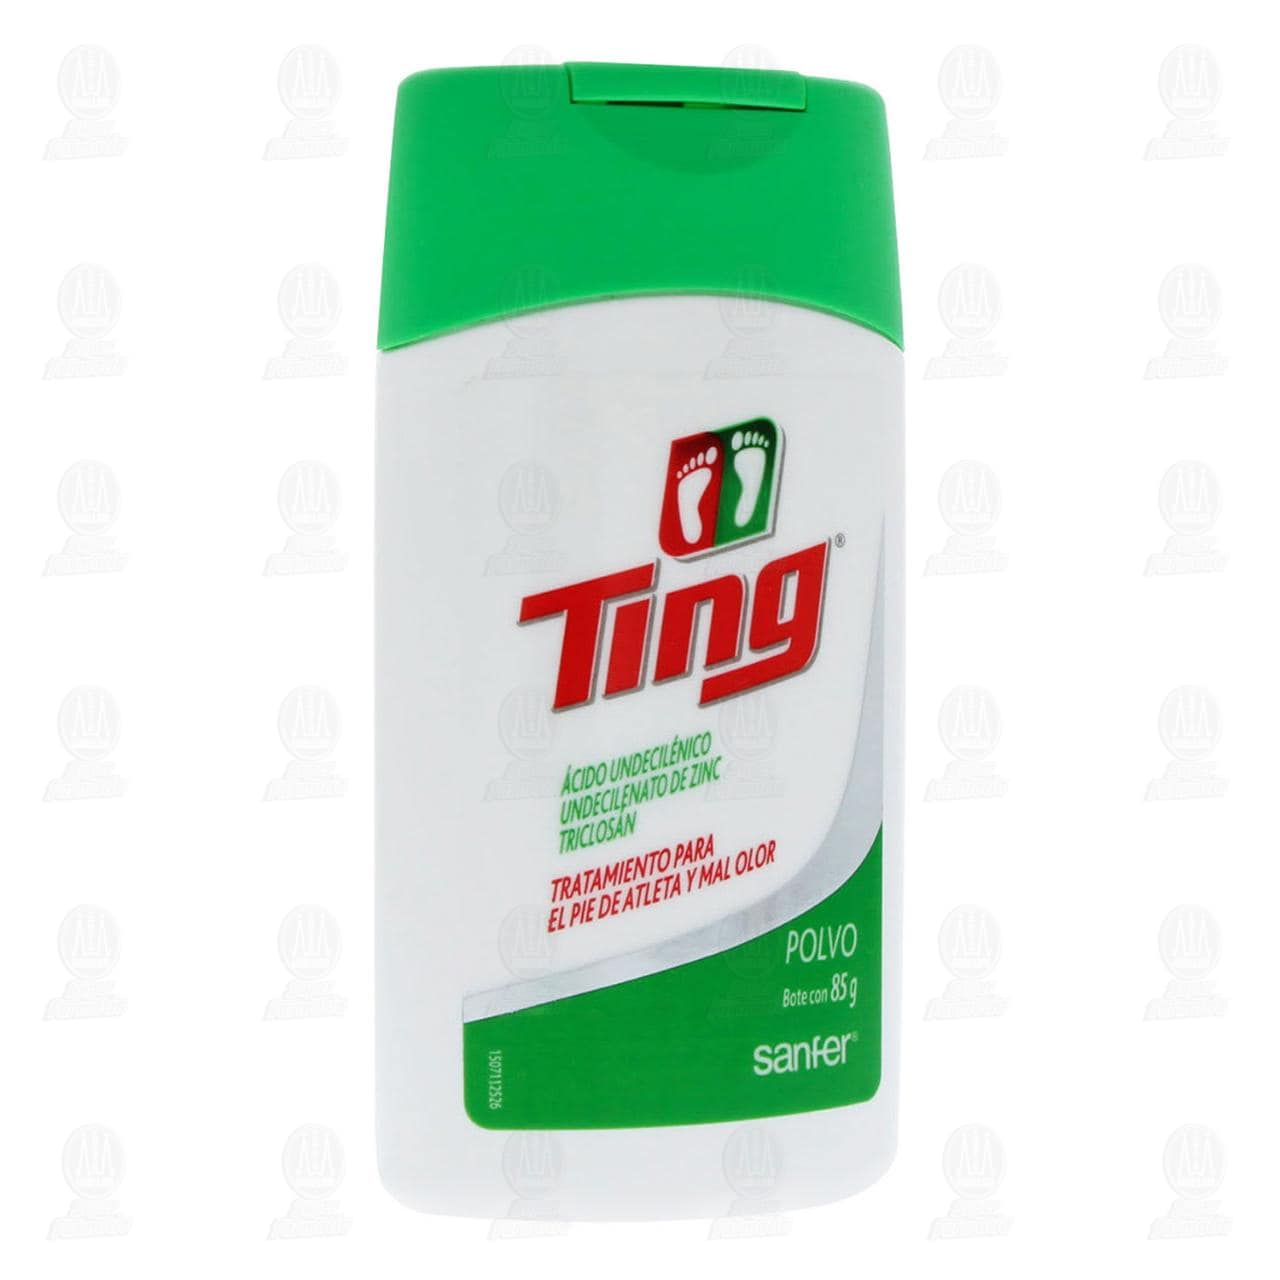 Comprar Ting 85gr Polvo en Farmacias Guadalajara